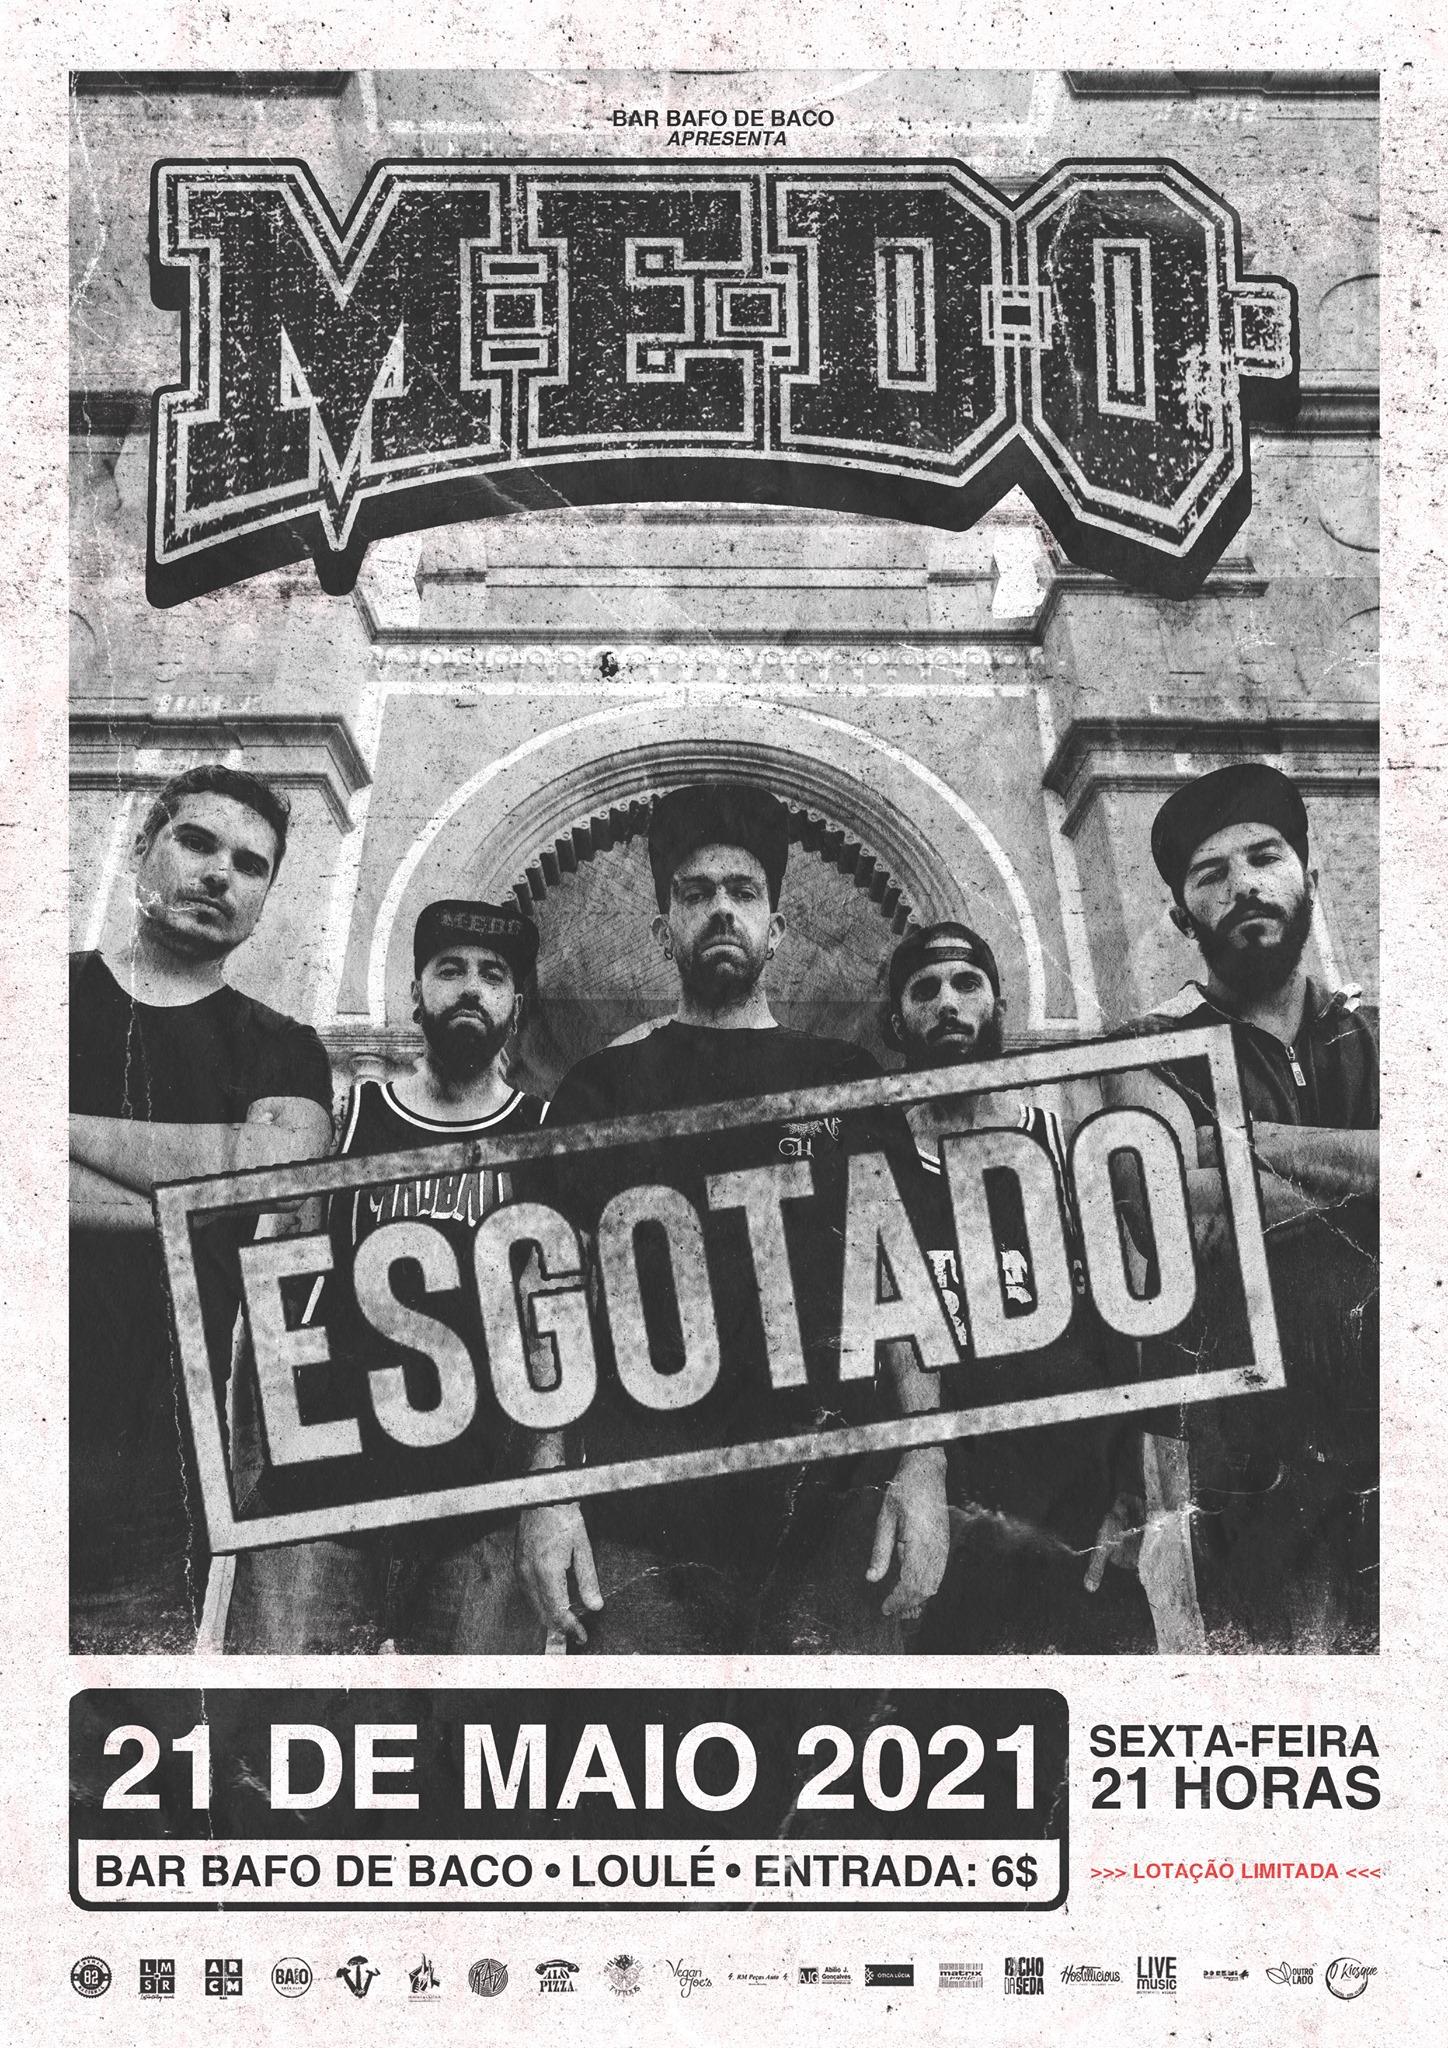 M.E.D.O.   Bafo de Baco, Loulé   21.05.2021   21h